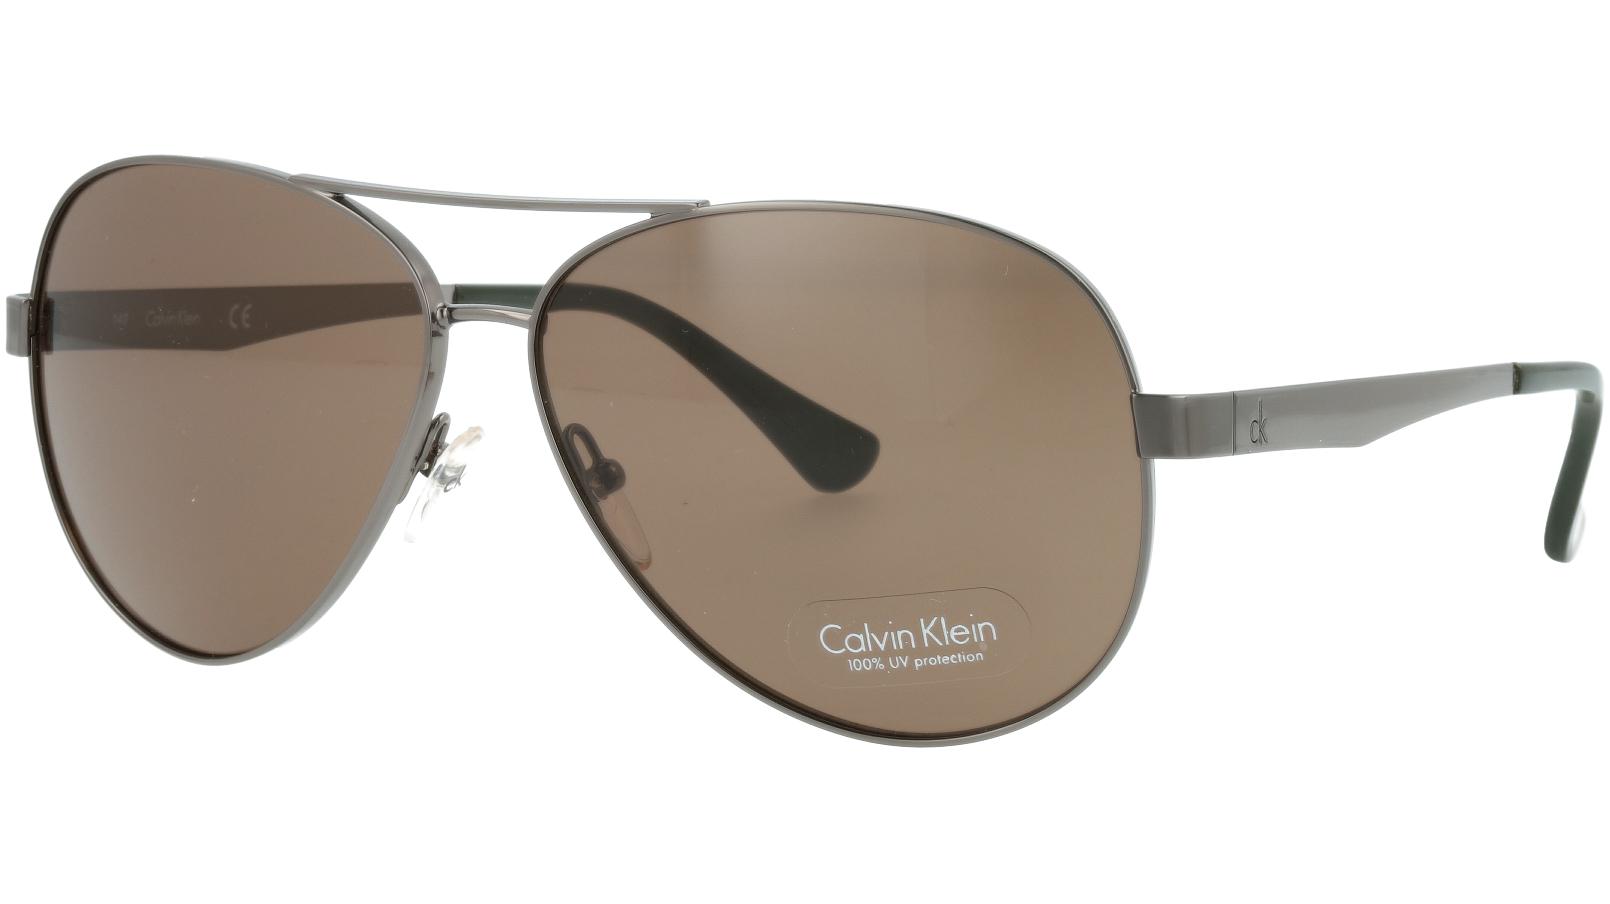 Calvin Klein CK2145S 060 60 PLATIUM Sunglasses